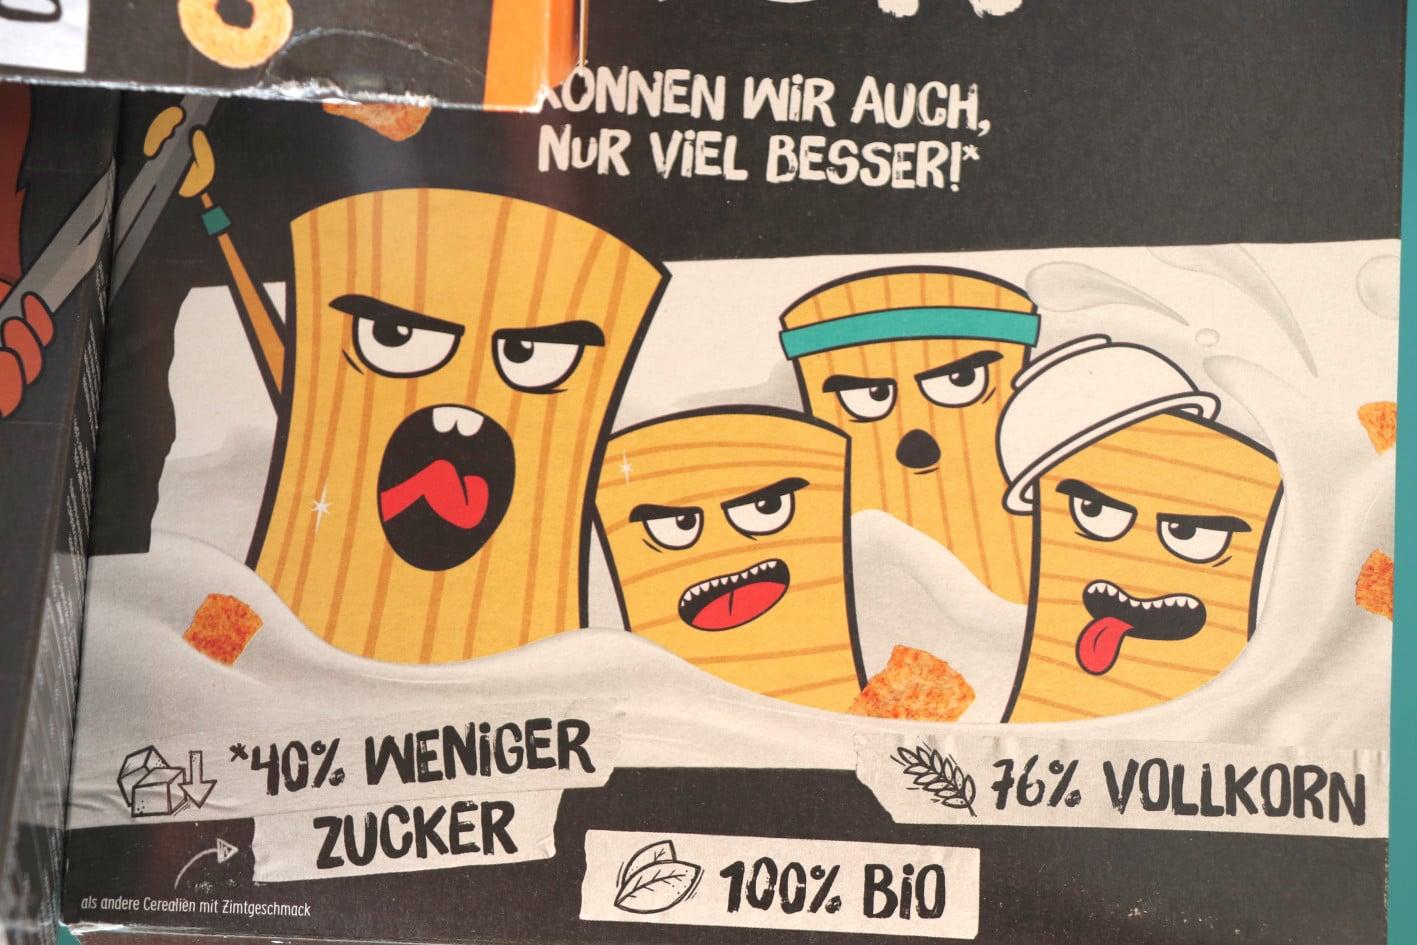 rebelicious_Cornflakes_grossekoepfe.de